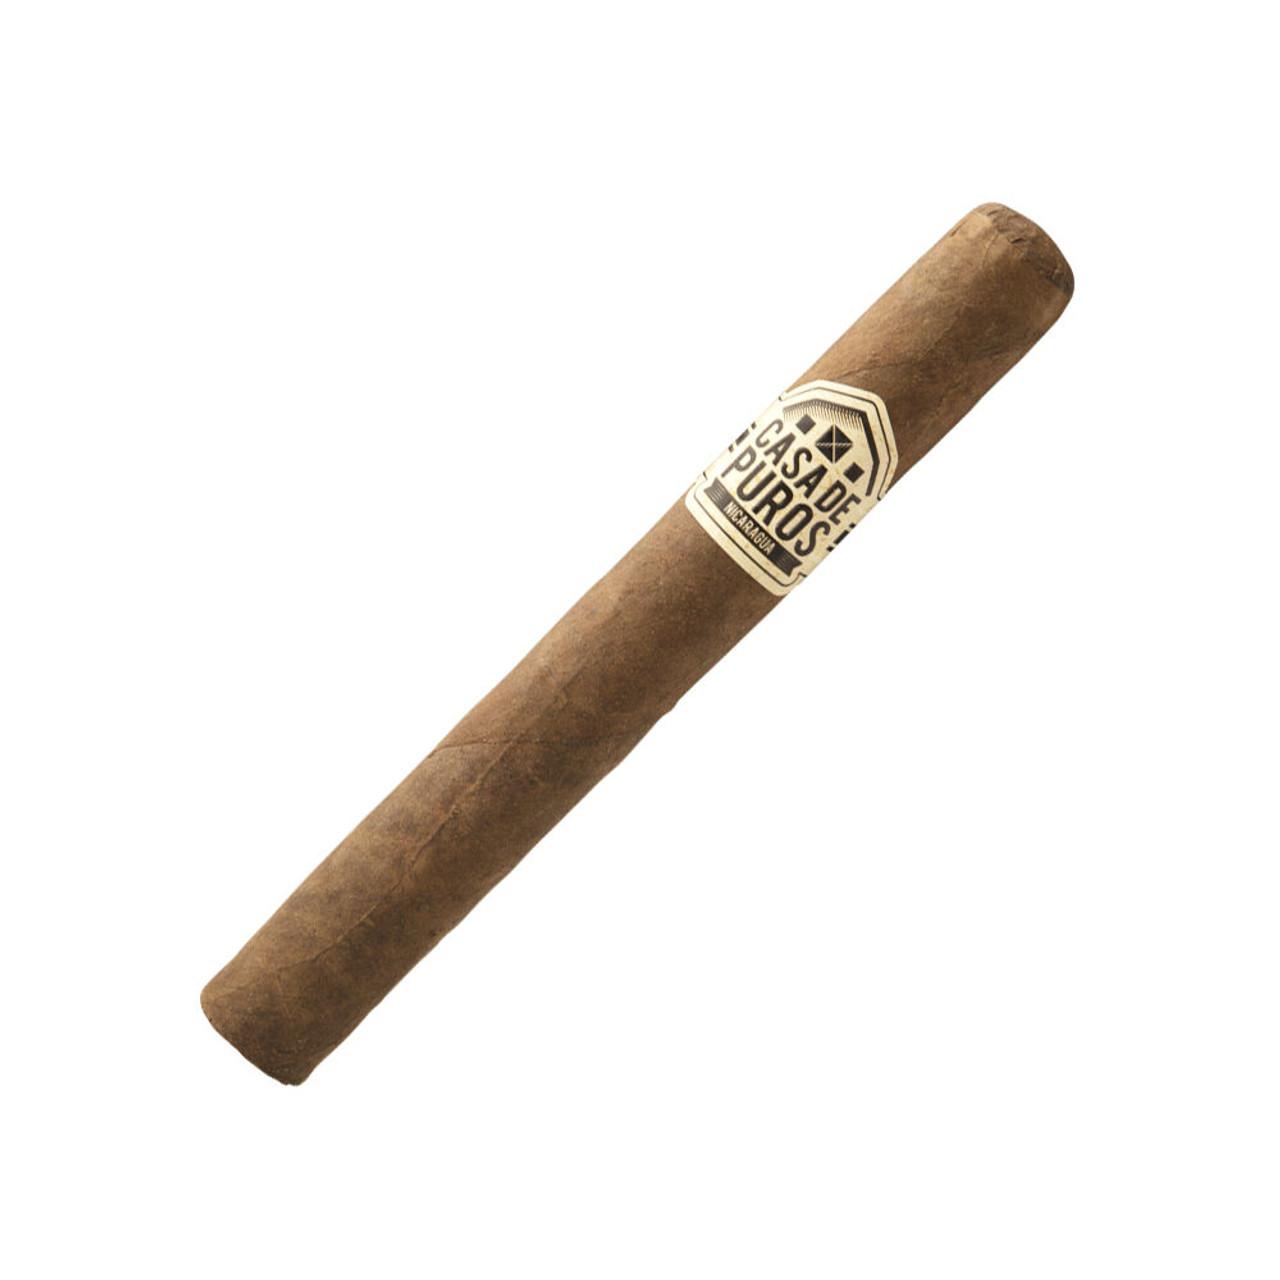 Casa de Puros Toro Cigars - 6.62 x 54 (Bundle of 20)